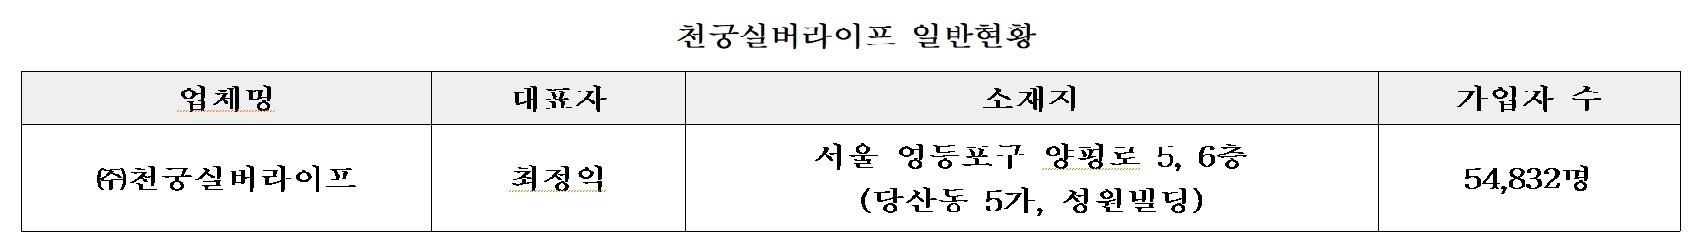 한국상조공제조합, ㈜천궁실버라이프 소비자피해보상 실시